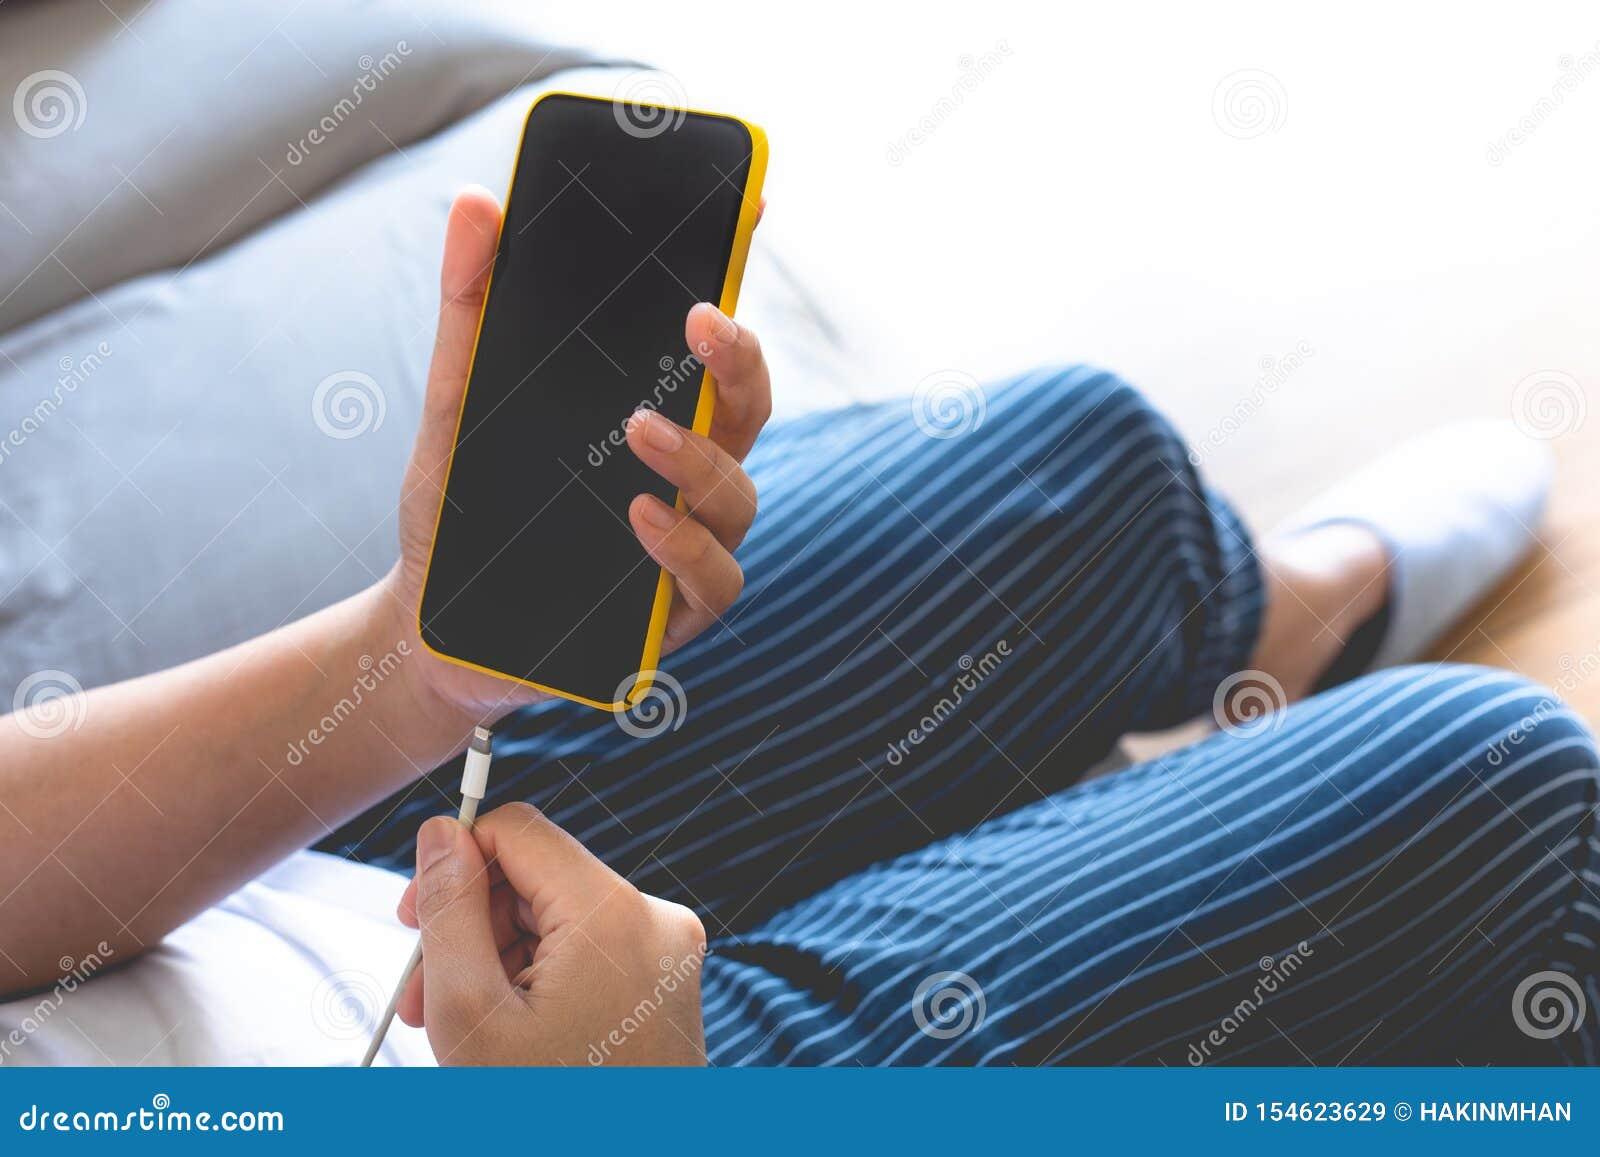 Смартфон женщины поручая банк энергии низкая батарея радиотехническая аппаратура